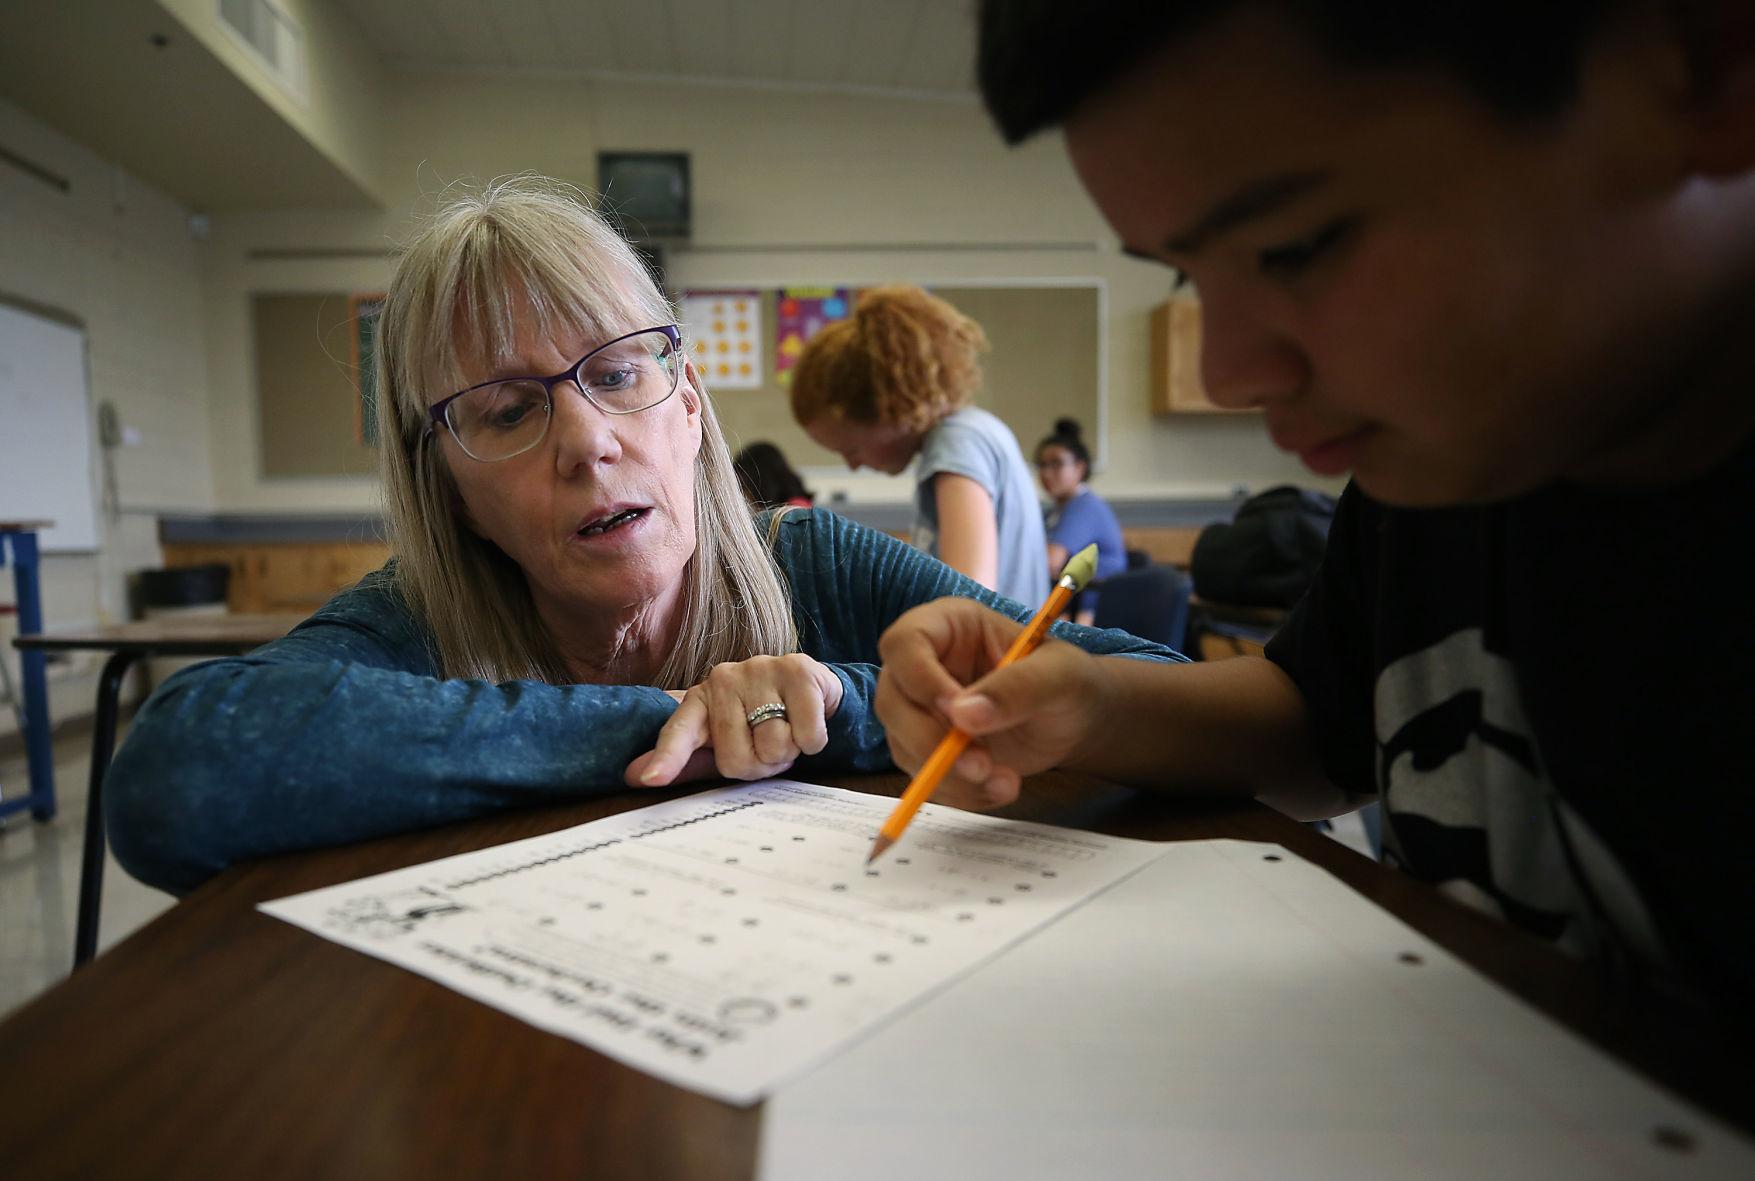 Despite pay raises, teacher vacancies remain a problem for Tucson schools | Tucson.com